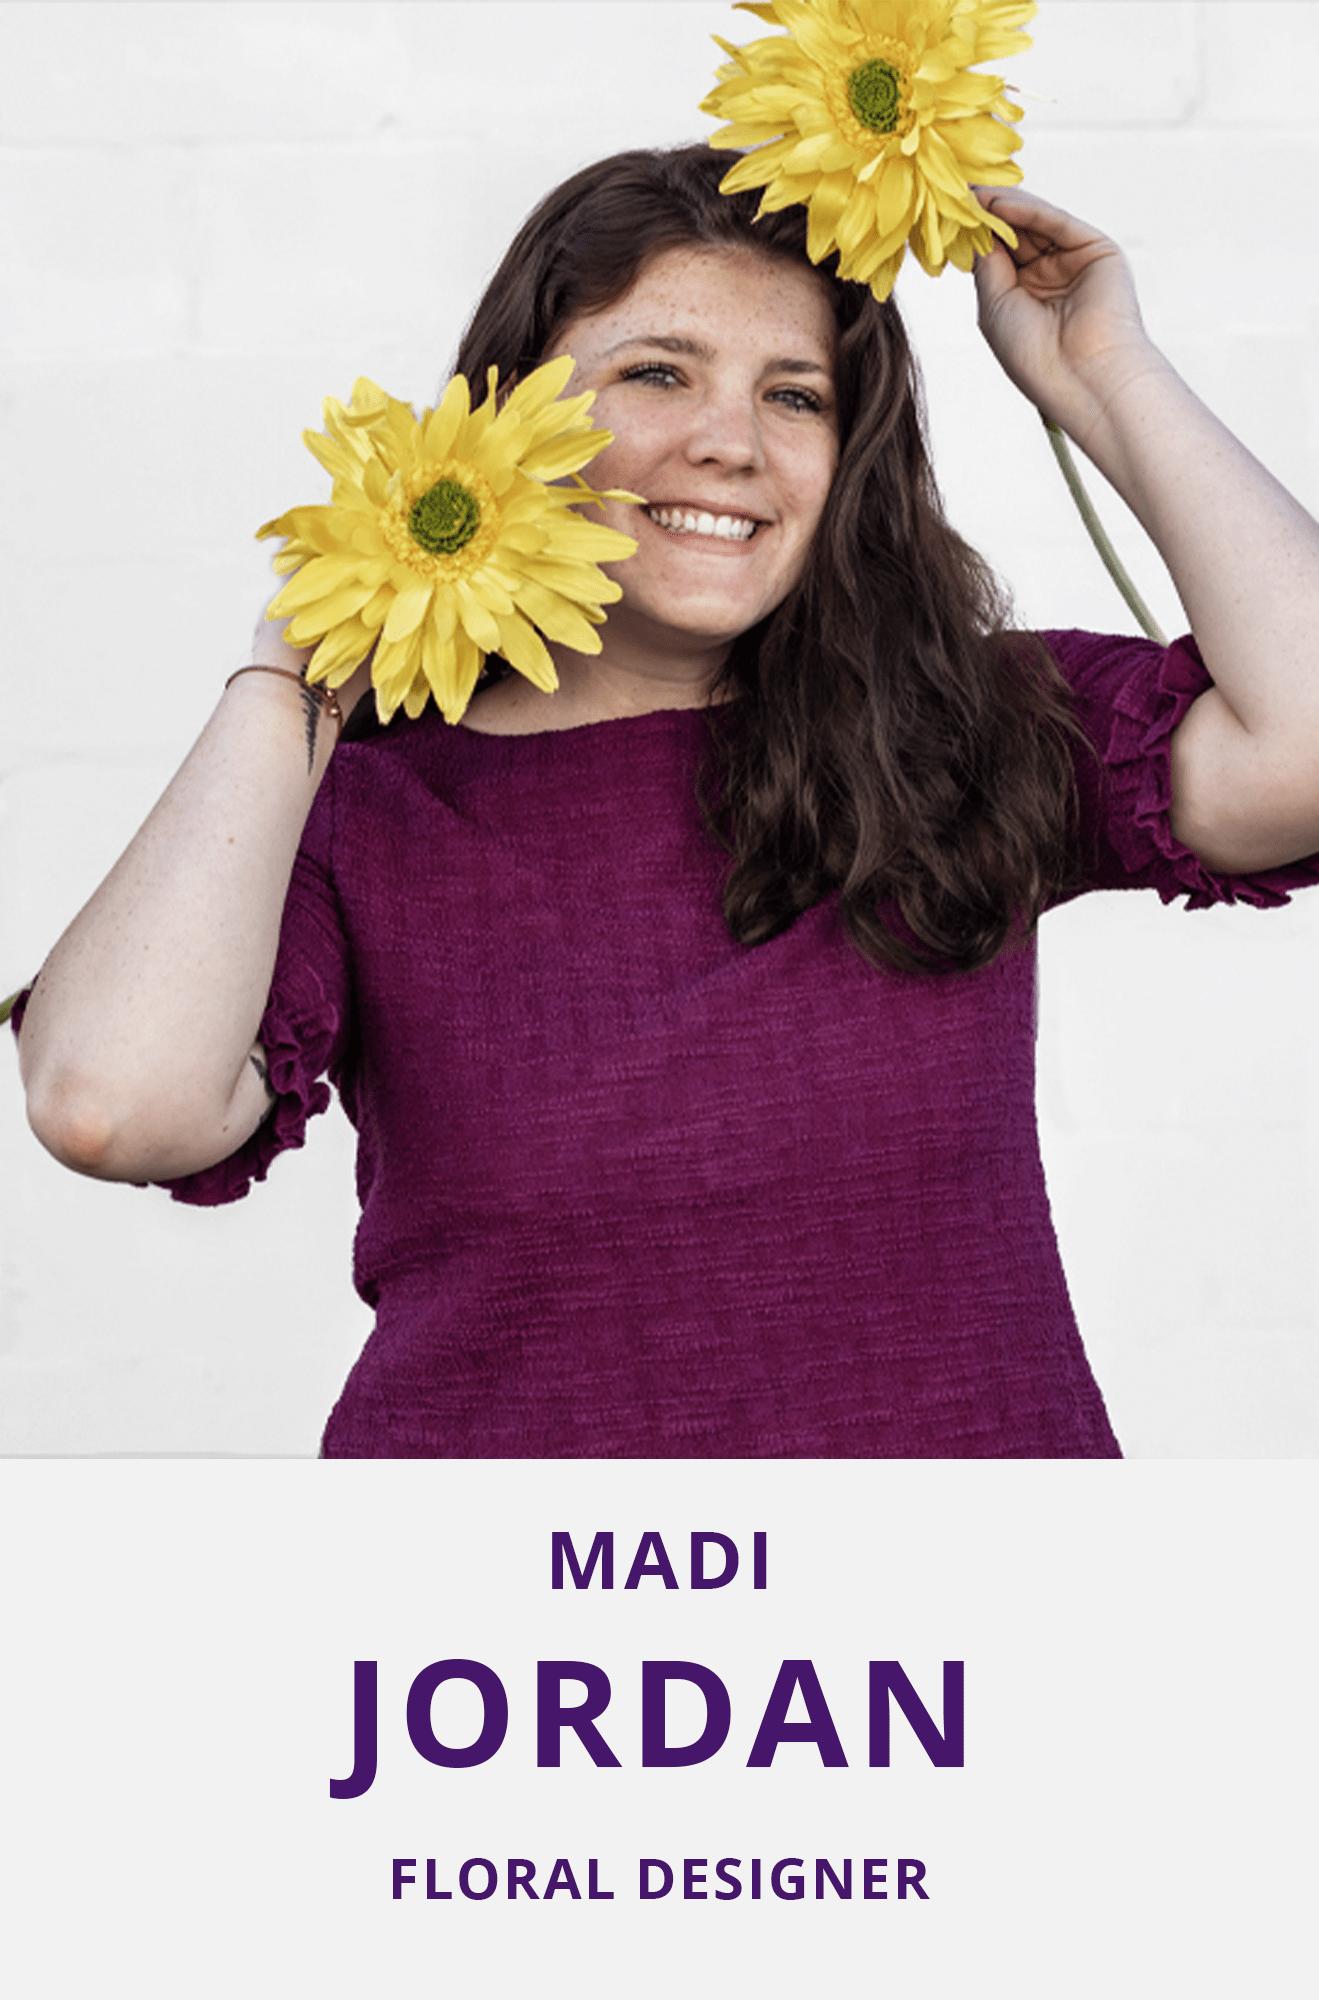 Madi Jordan